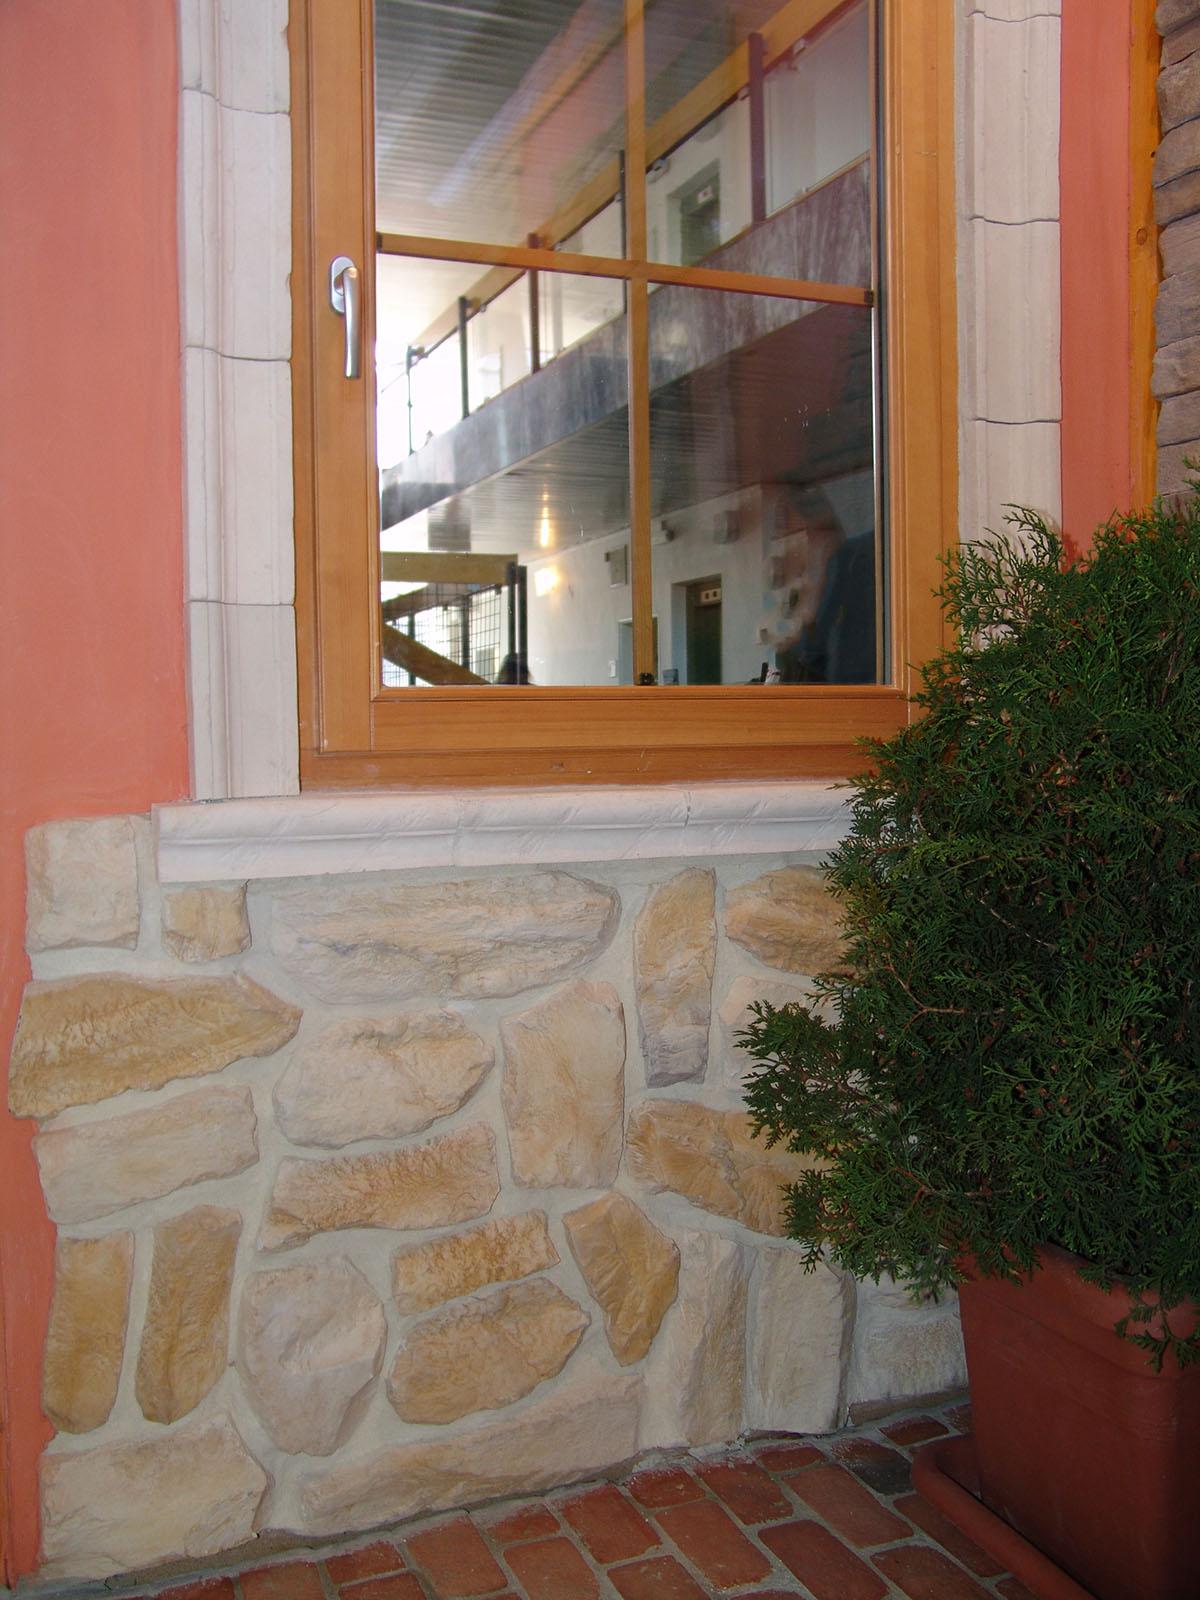 Fenster- / Türumrahmung<br> Fensterbank (Naturstein Baumaterial)